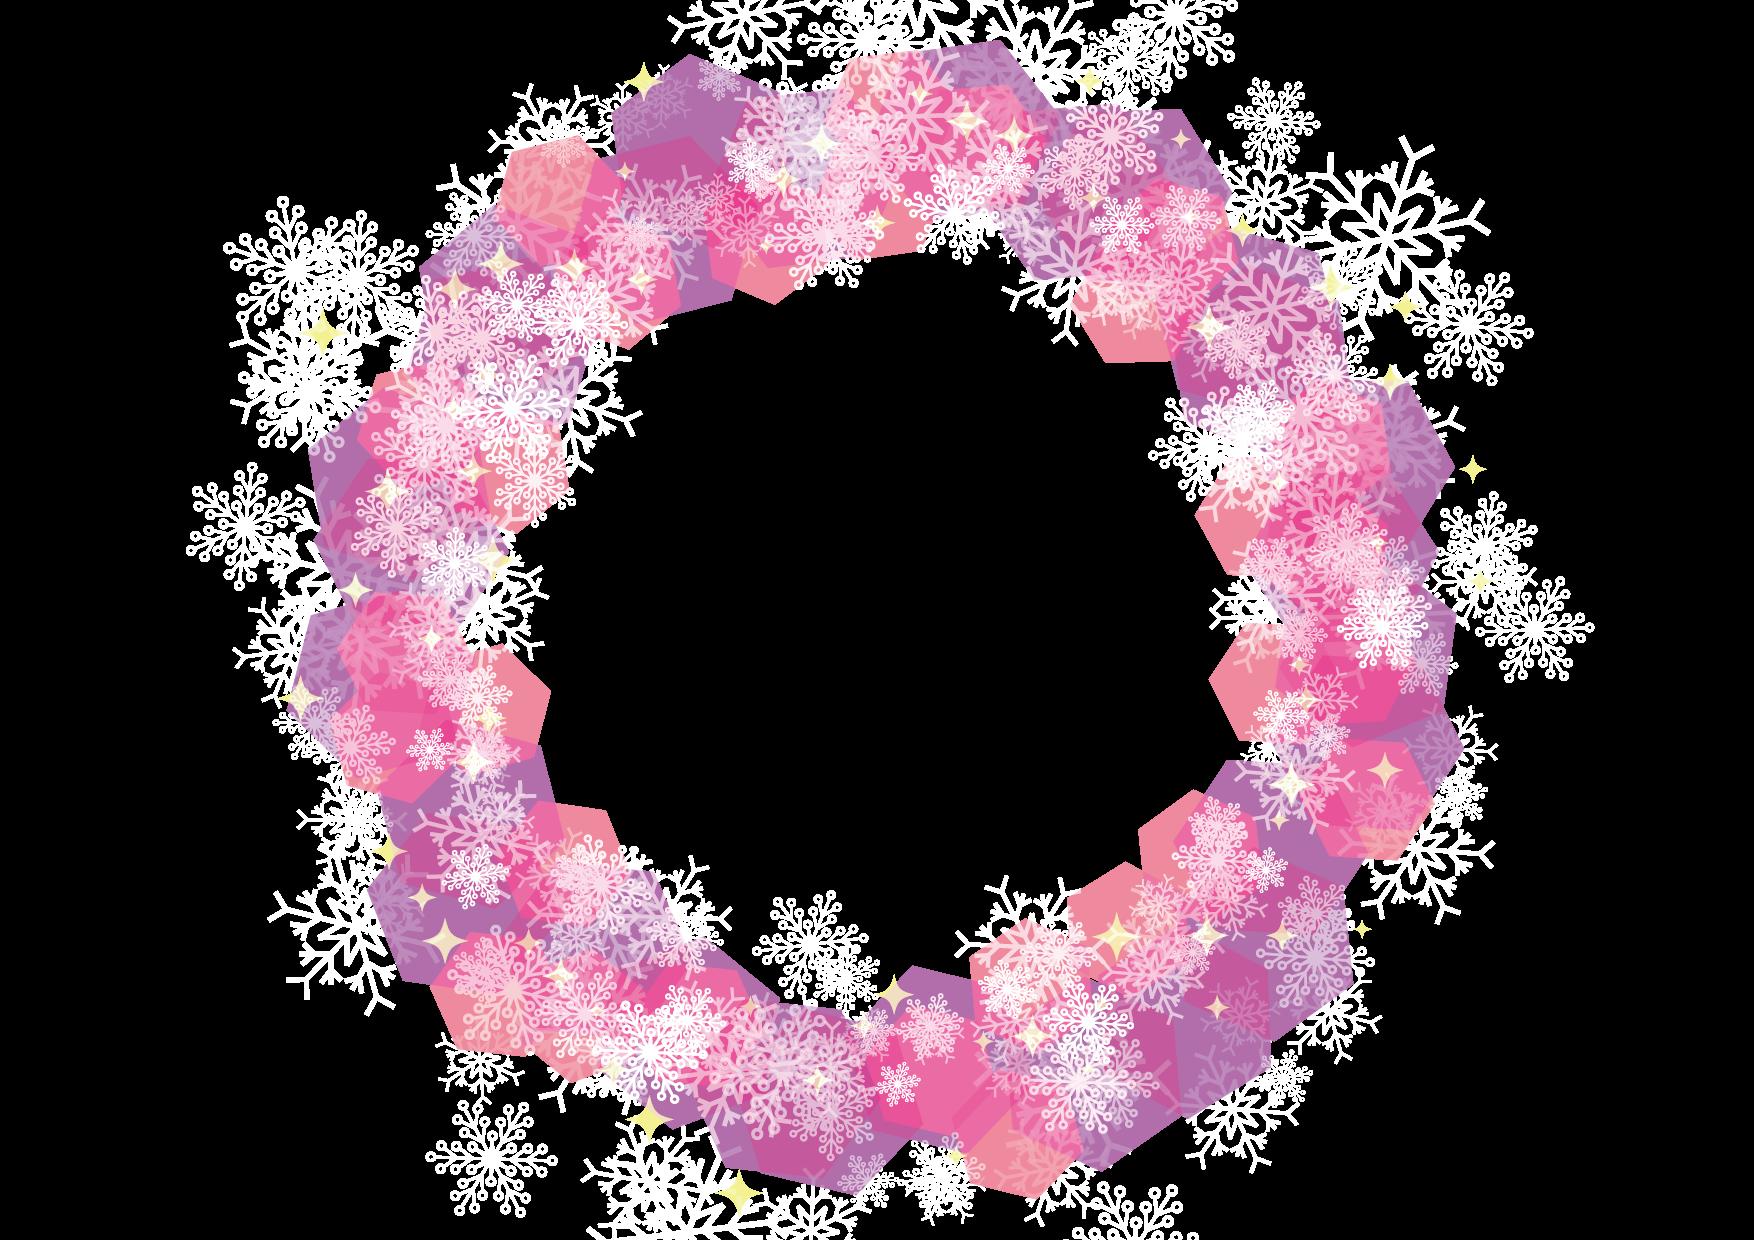 可愛いイラスト無料|雪の結晶 フレーム 背景 ピンク − free illustration Snowflakes frame background pink